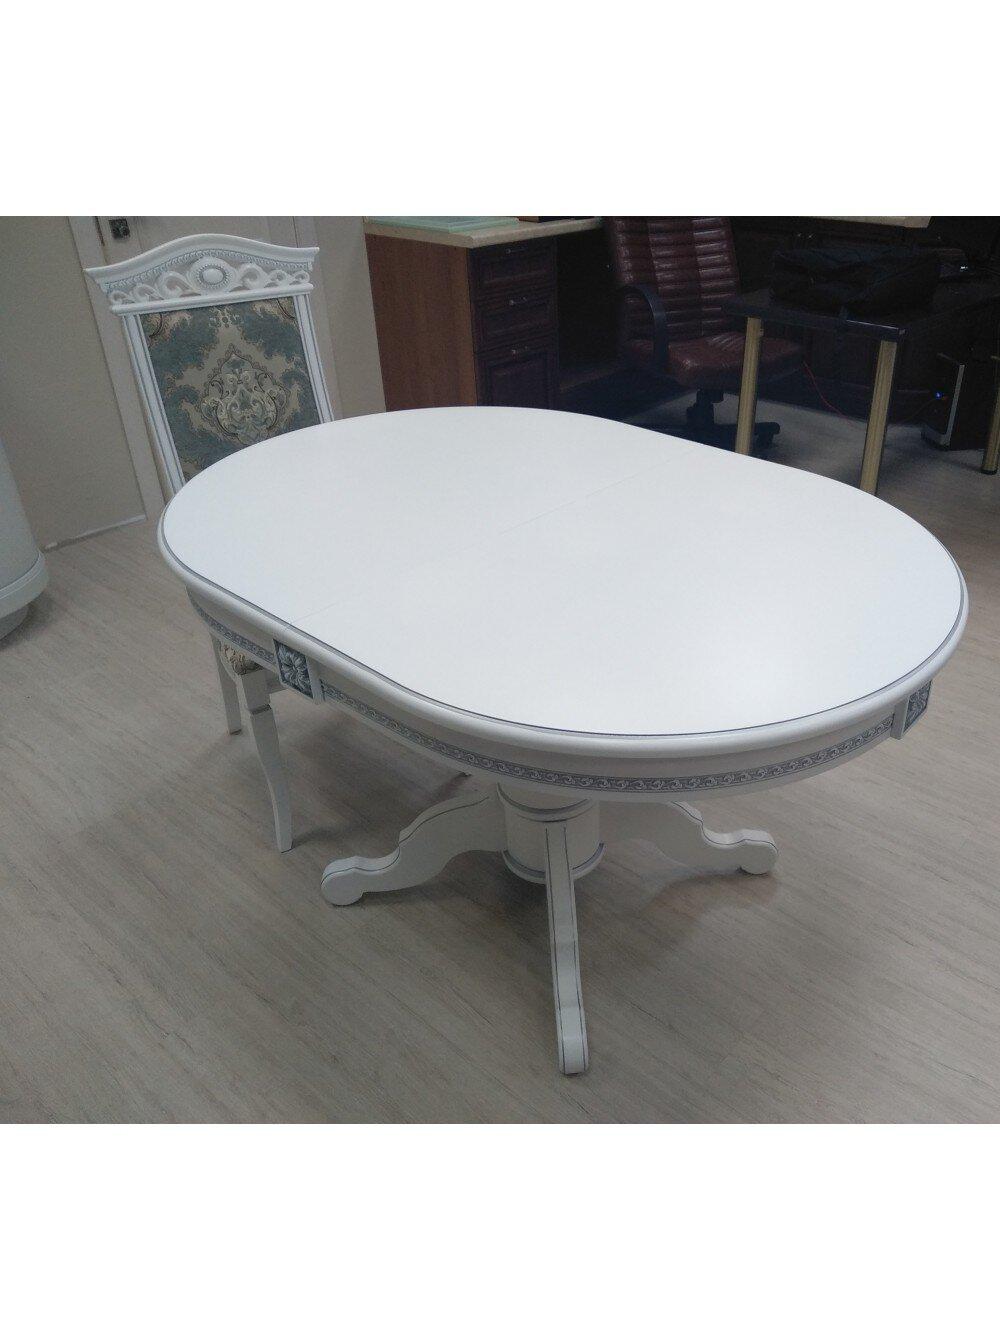 Овальный стол из массива бука цвет: белый Размер 90*130 (+50 ) см. - фото pic_16ccde6e3ae44768f57798a9f520feec_1920x9000_1.jpg